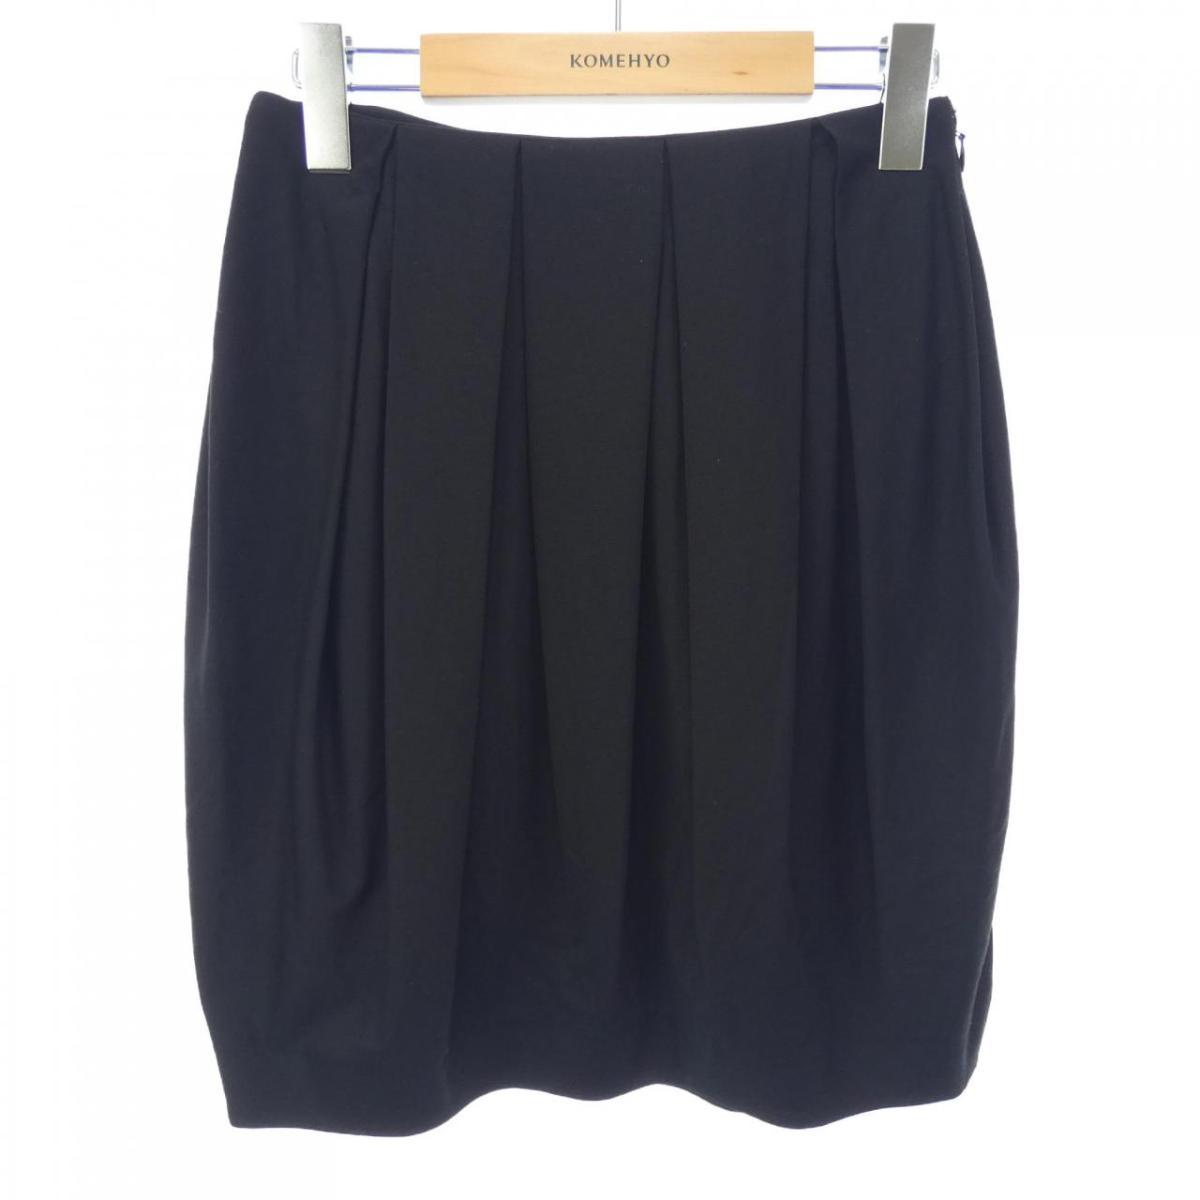 ヨーコ チャン YOKO CHAN スカート:KOMEHYO ONLINESTORE 店